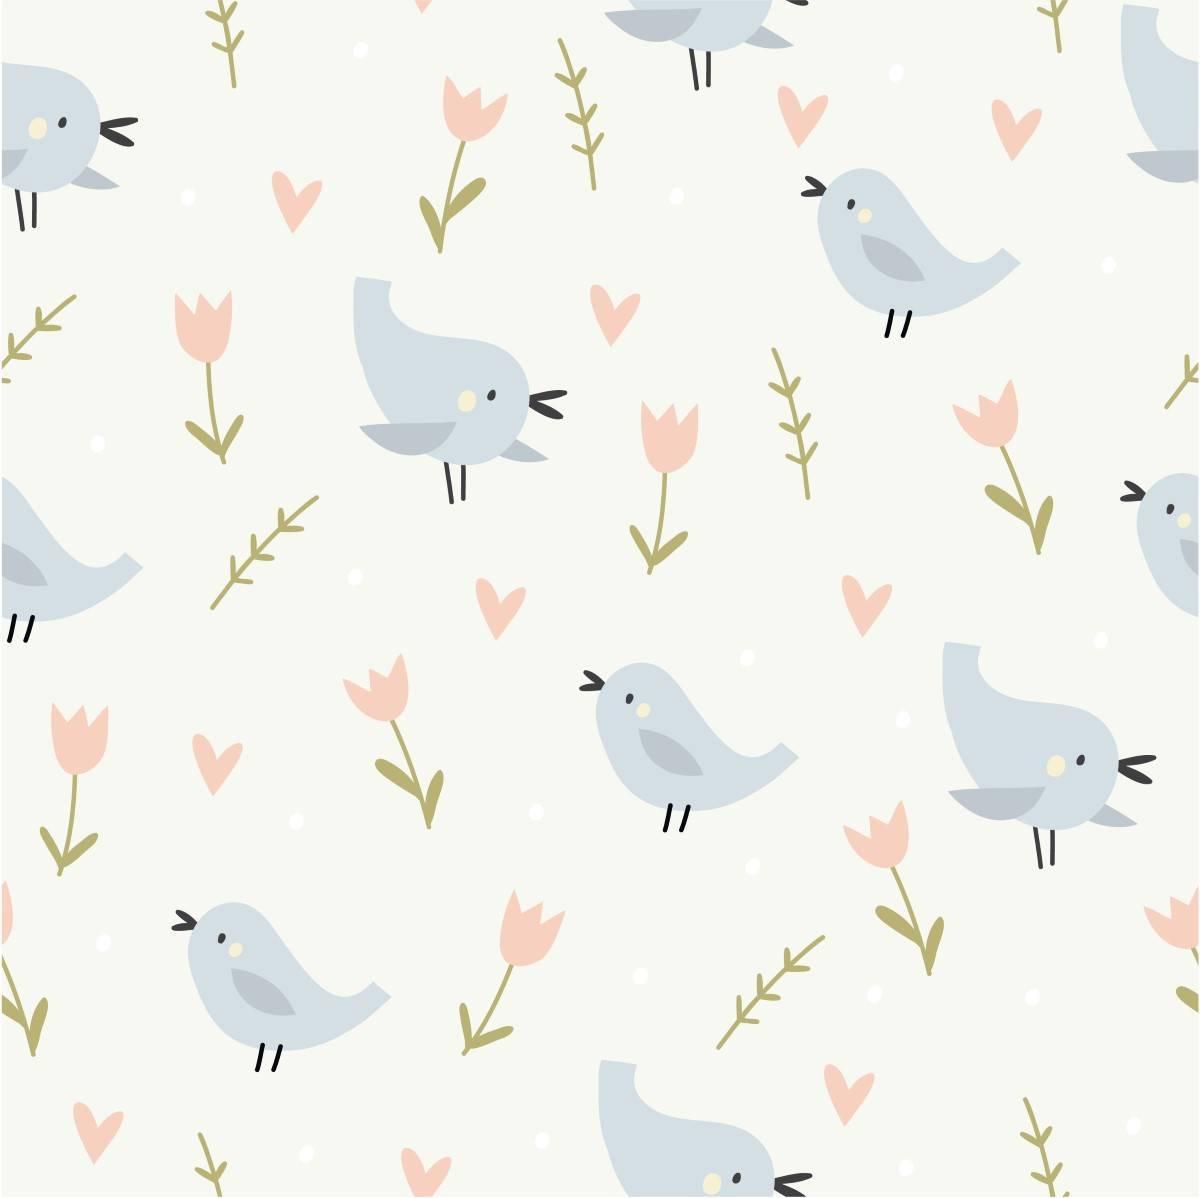 Papel de Parede Adesivo Pássaros /Rolo imagem 1